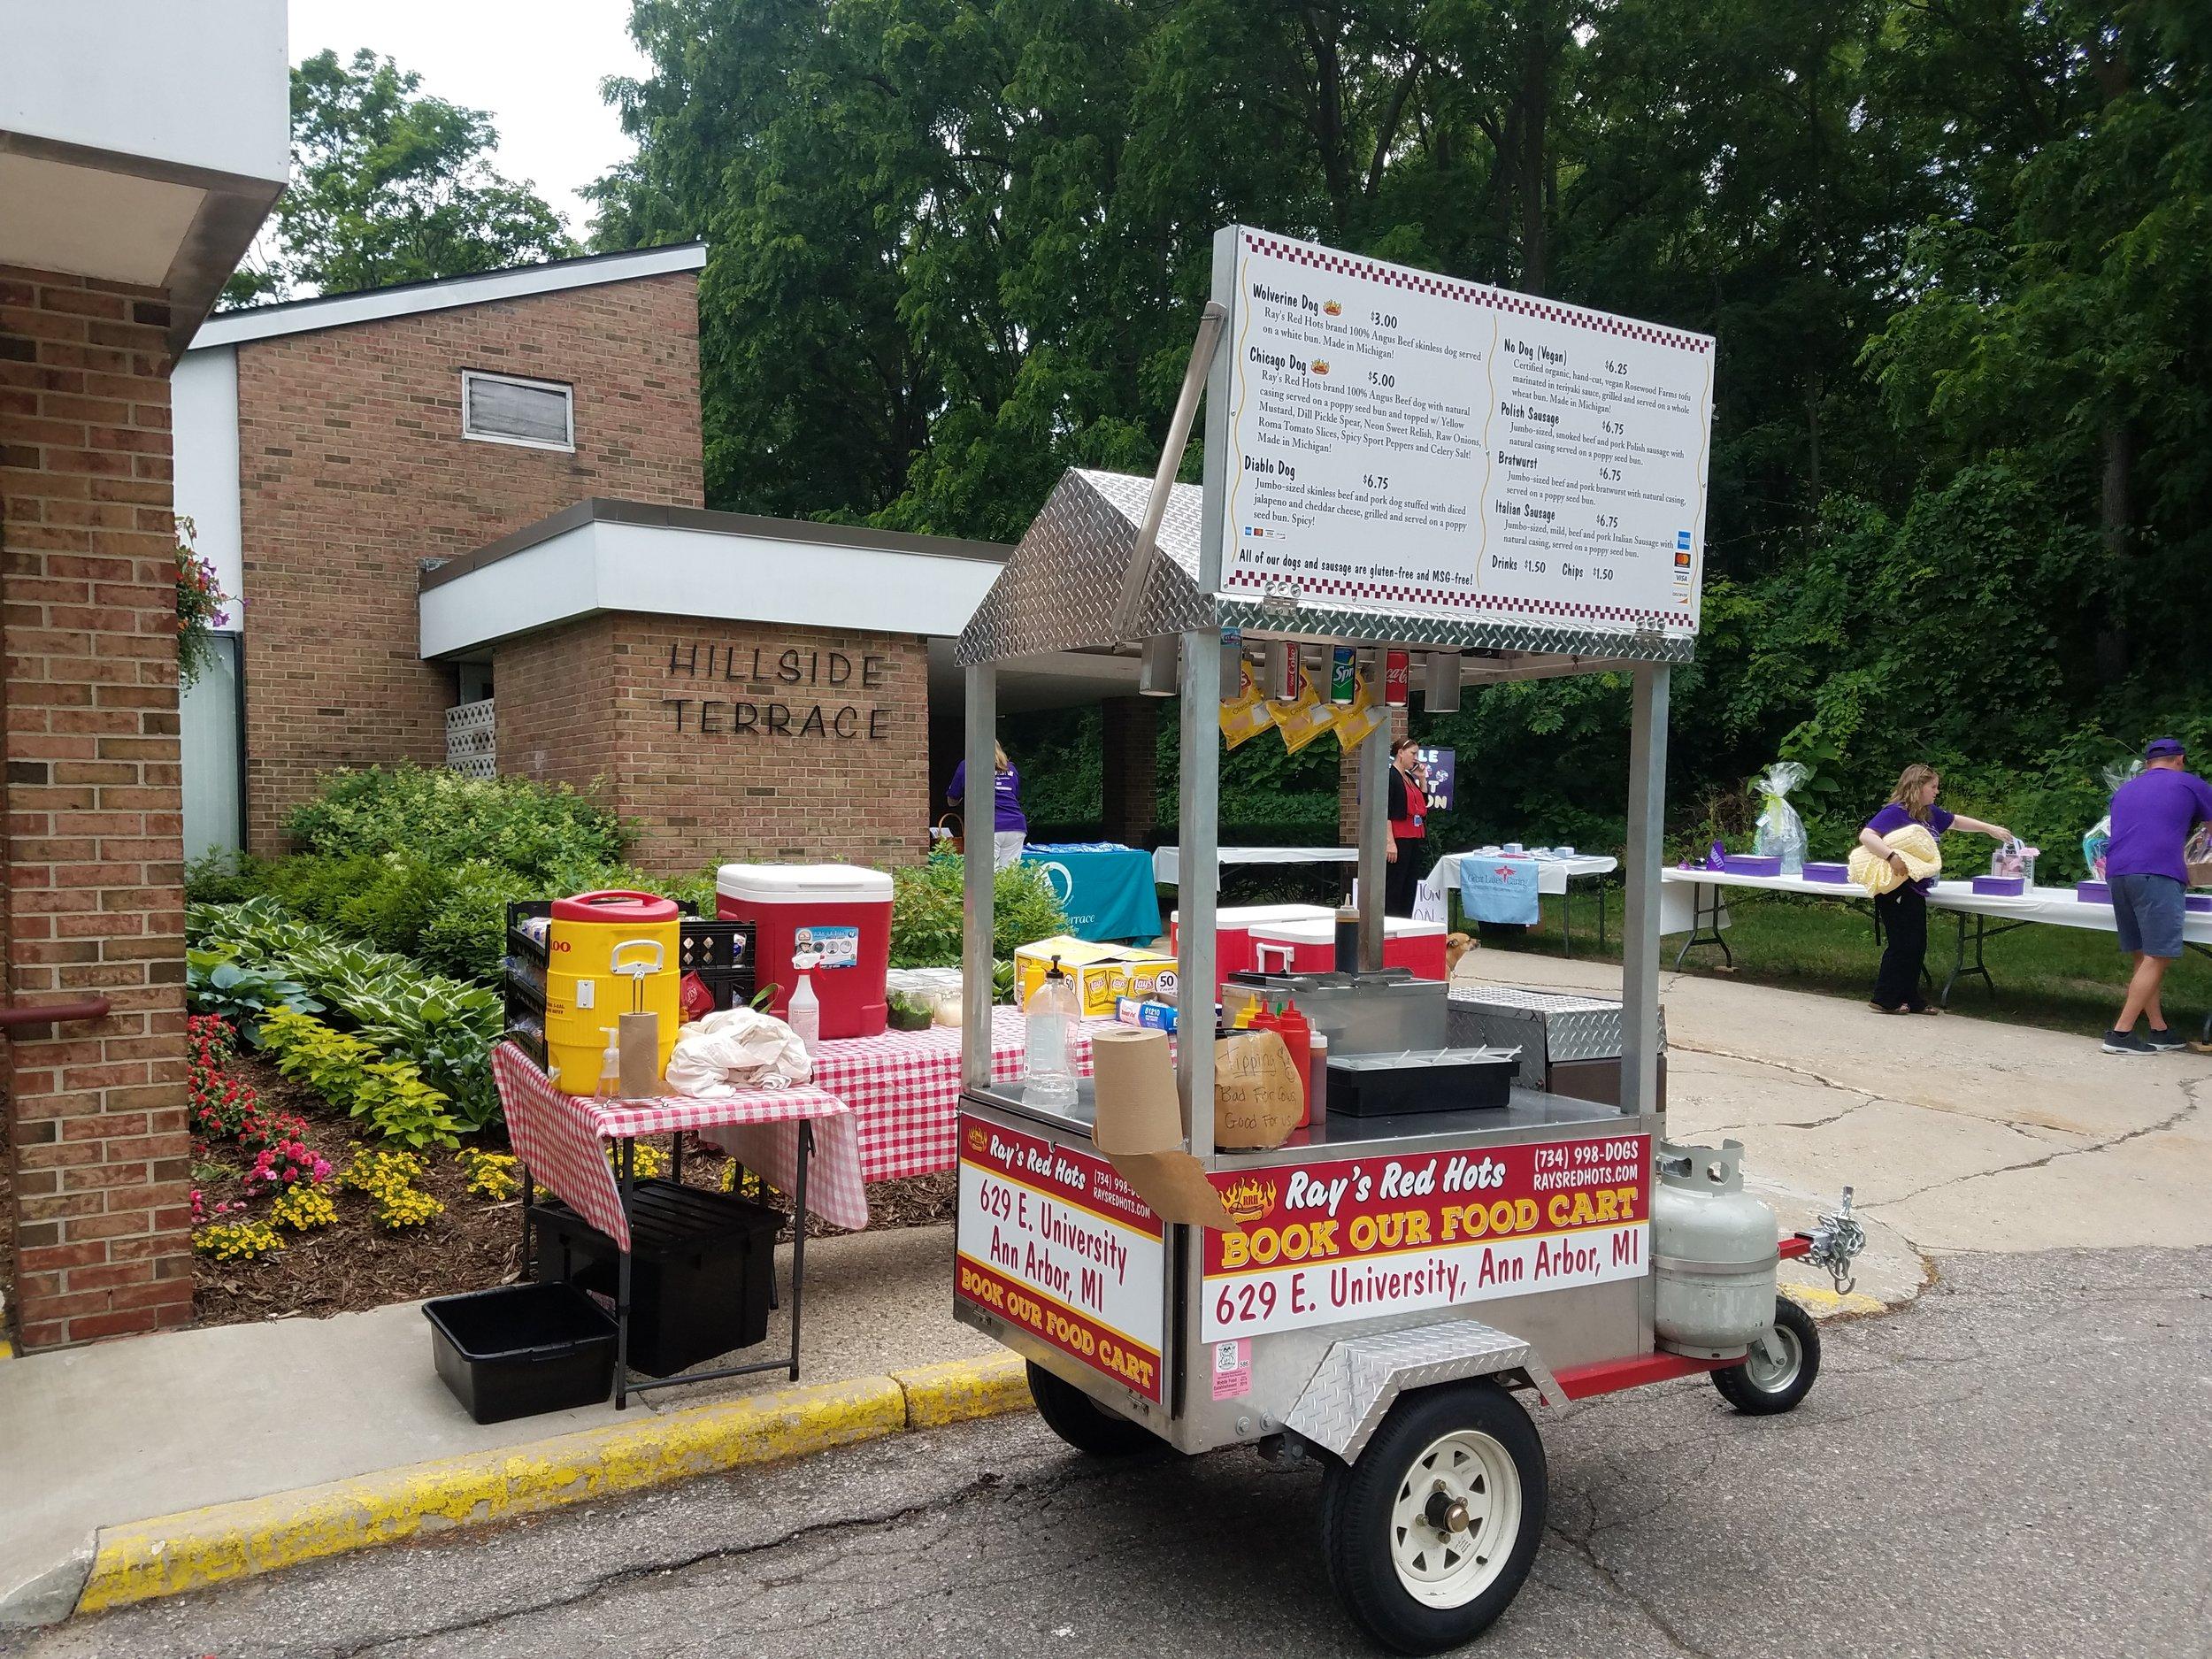 2018 Alzheimer's benefit at Hillside Terrace Retirement Community in Ann Arbor.